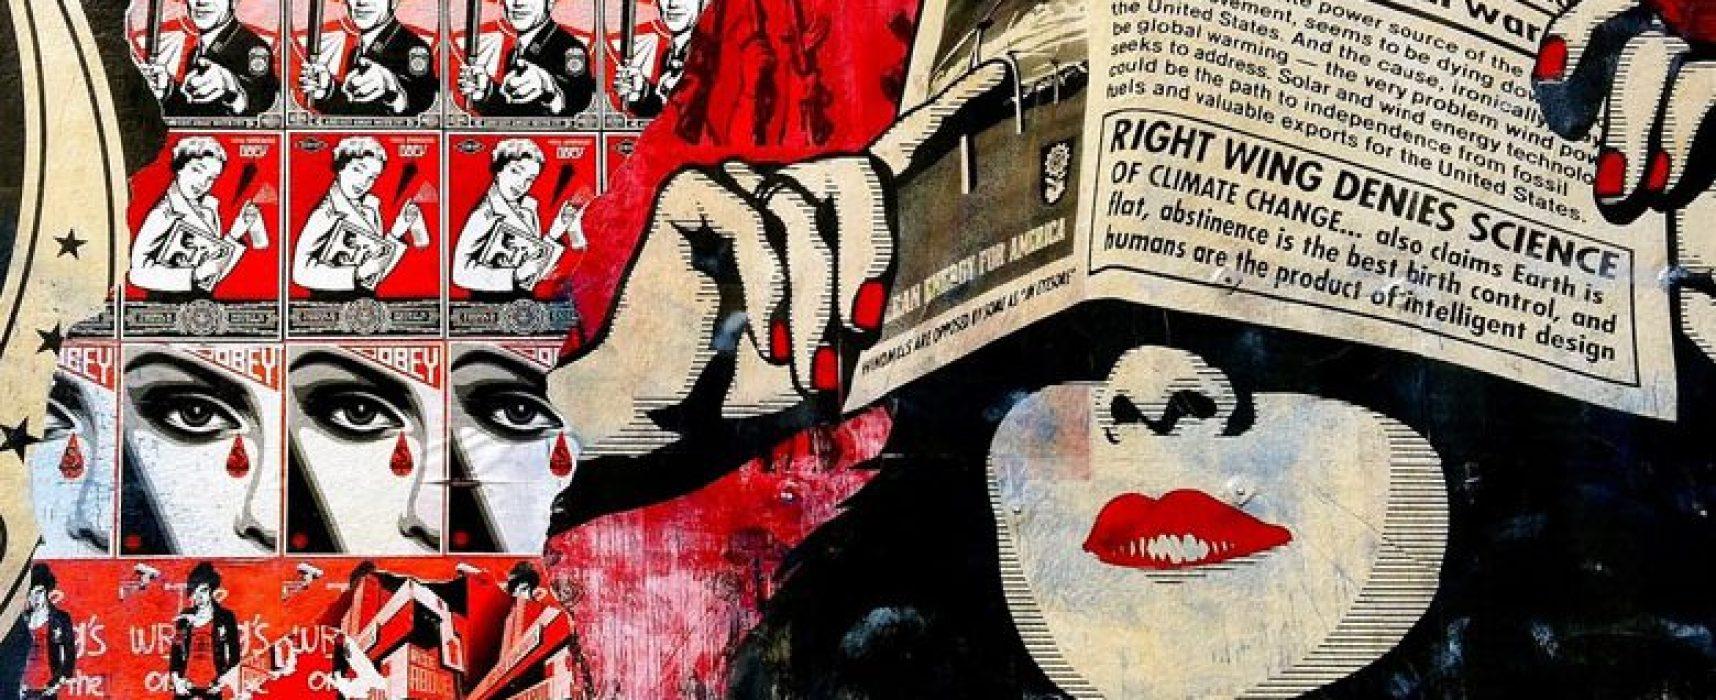 Propaganda en redes sociales, el sueño lúbrico del gran manipulador Bernays